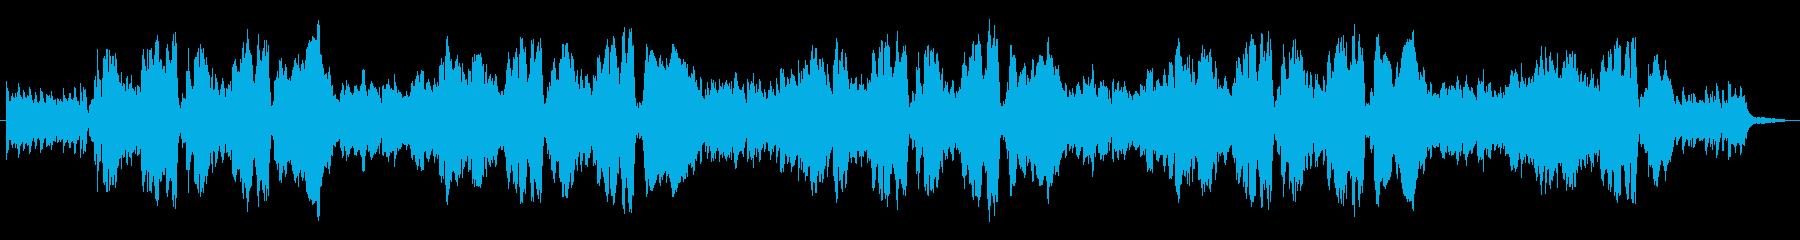 生演奏リコーダーでモーニングルーティンの再生済みの波形